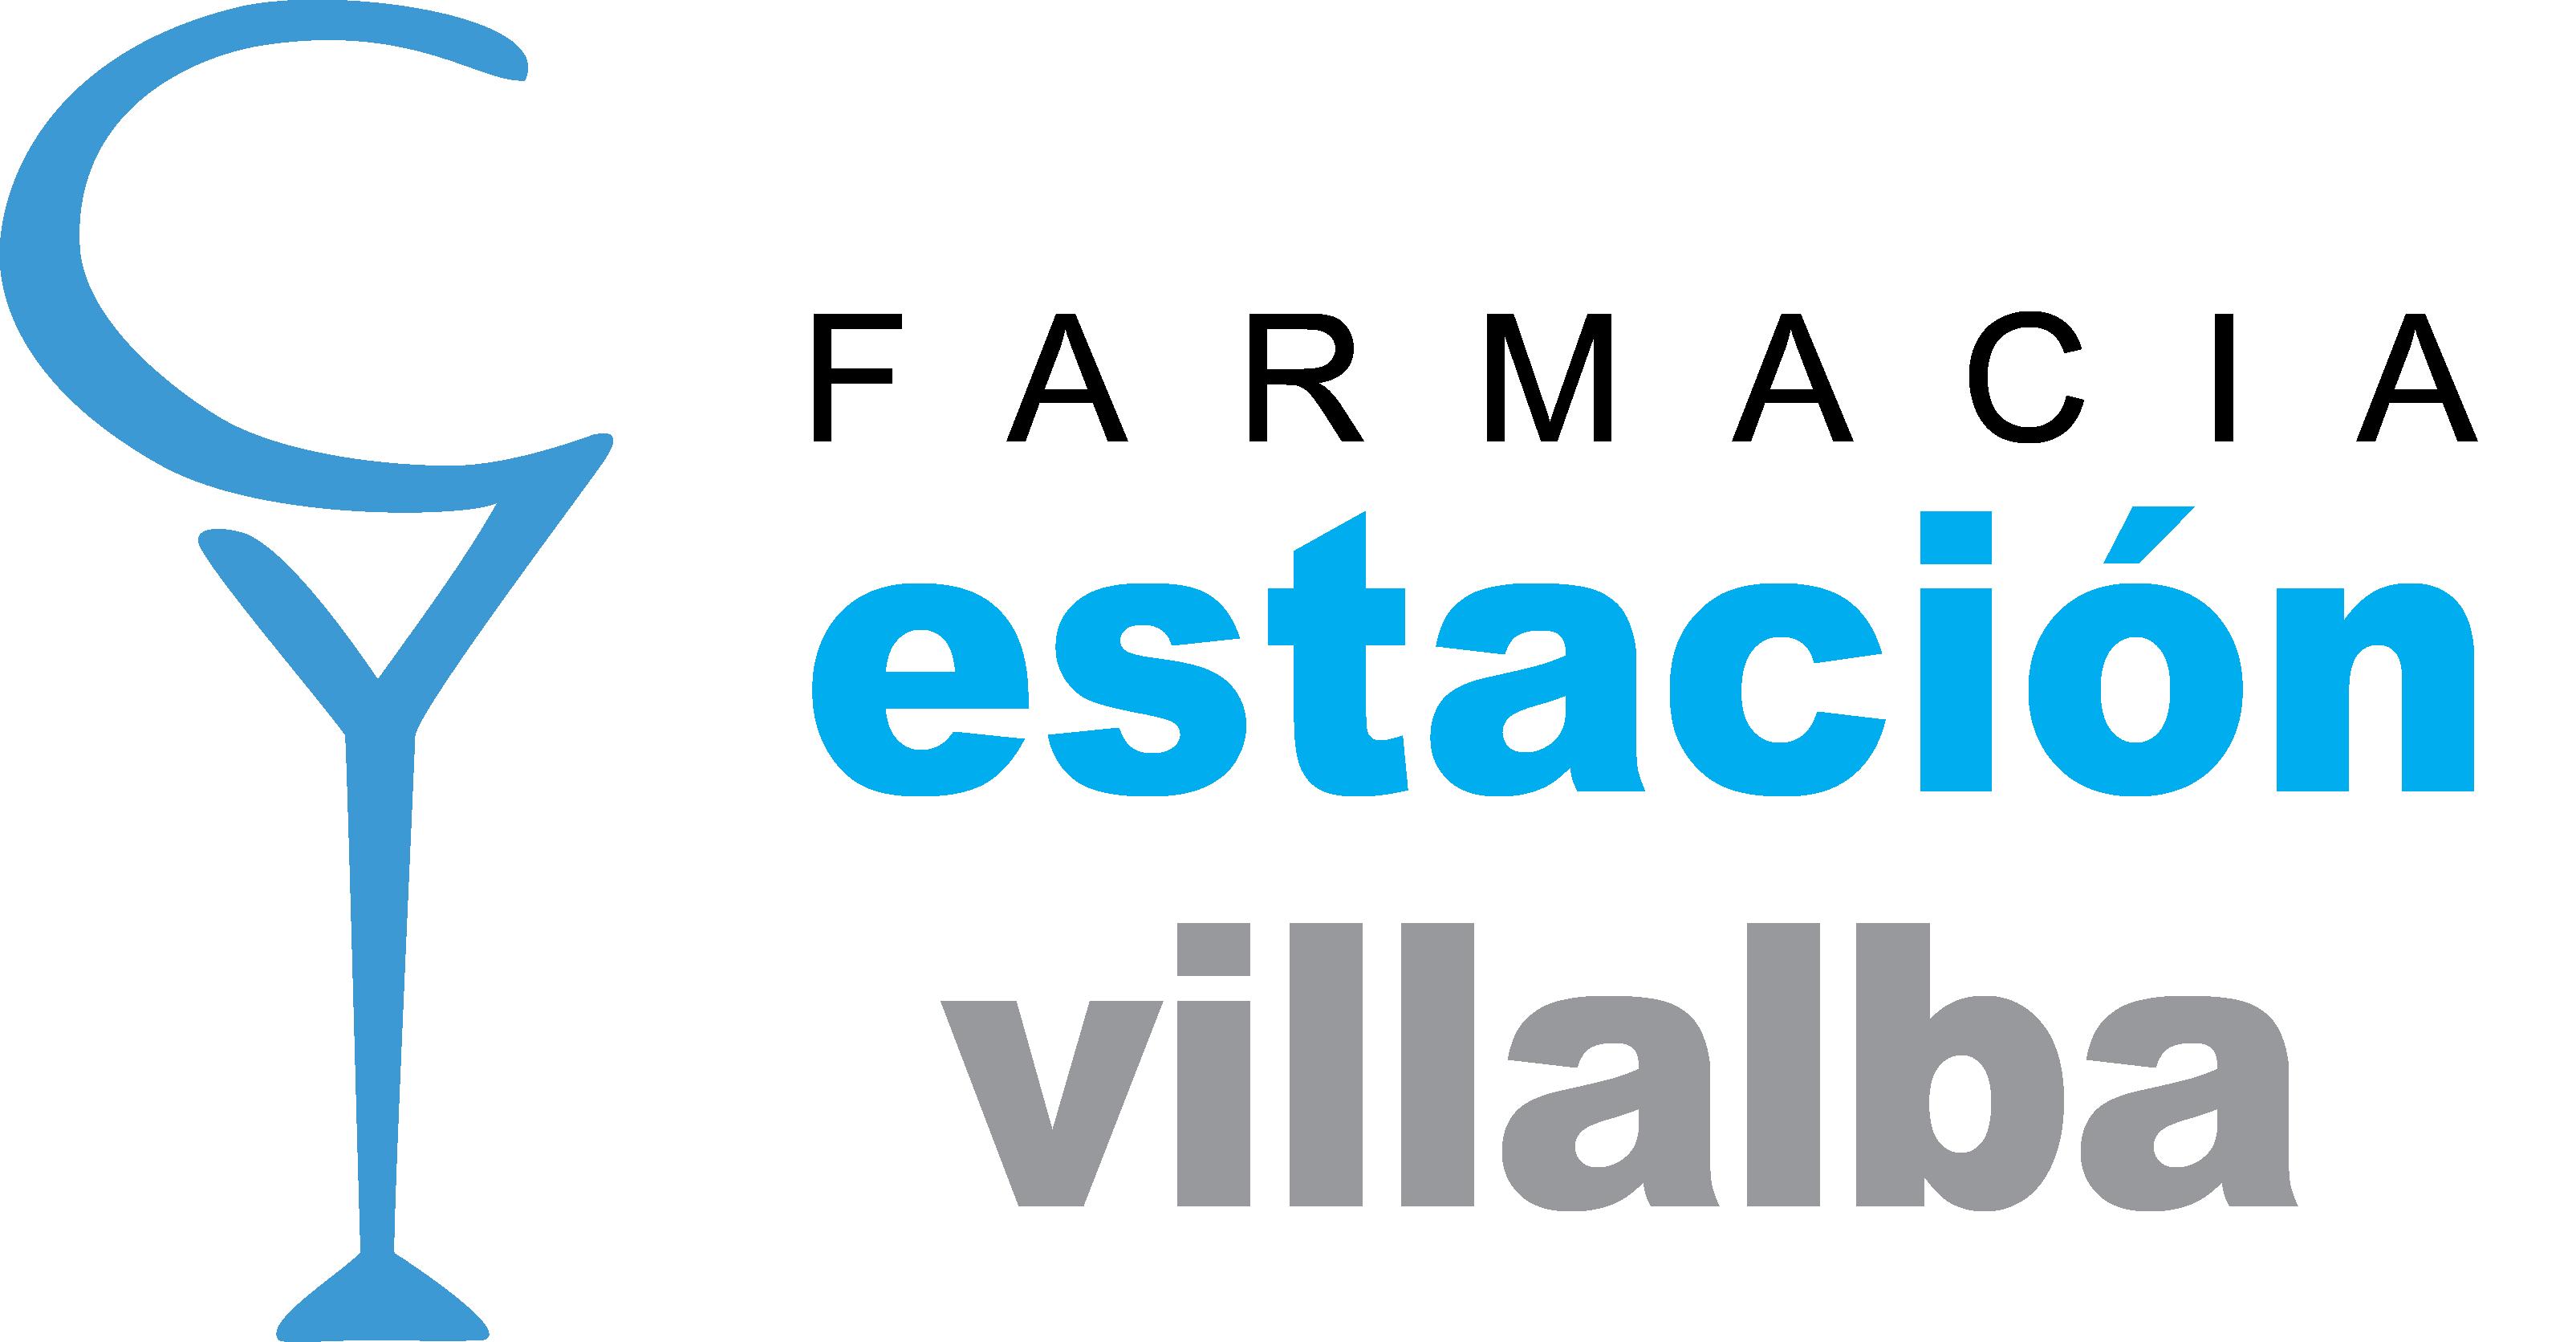 Farmacia Estación Villalba